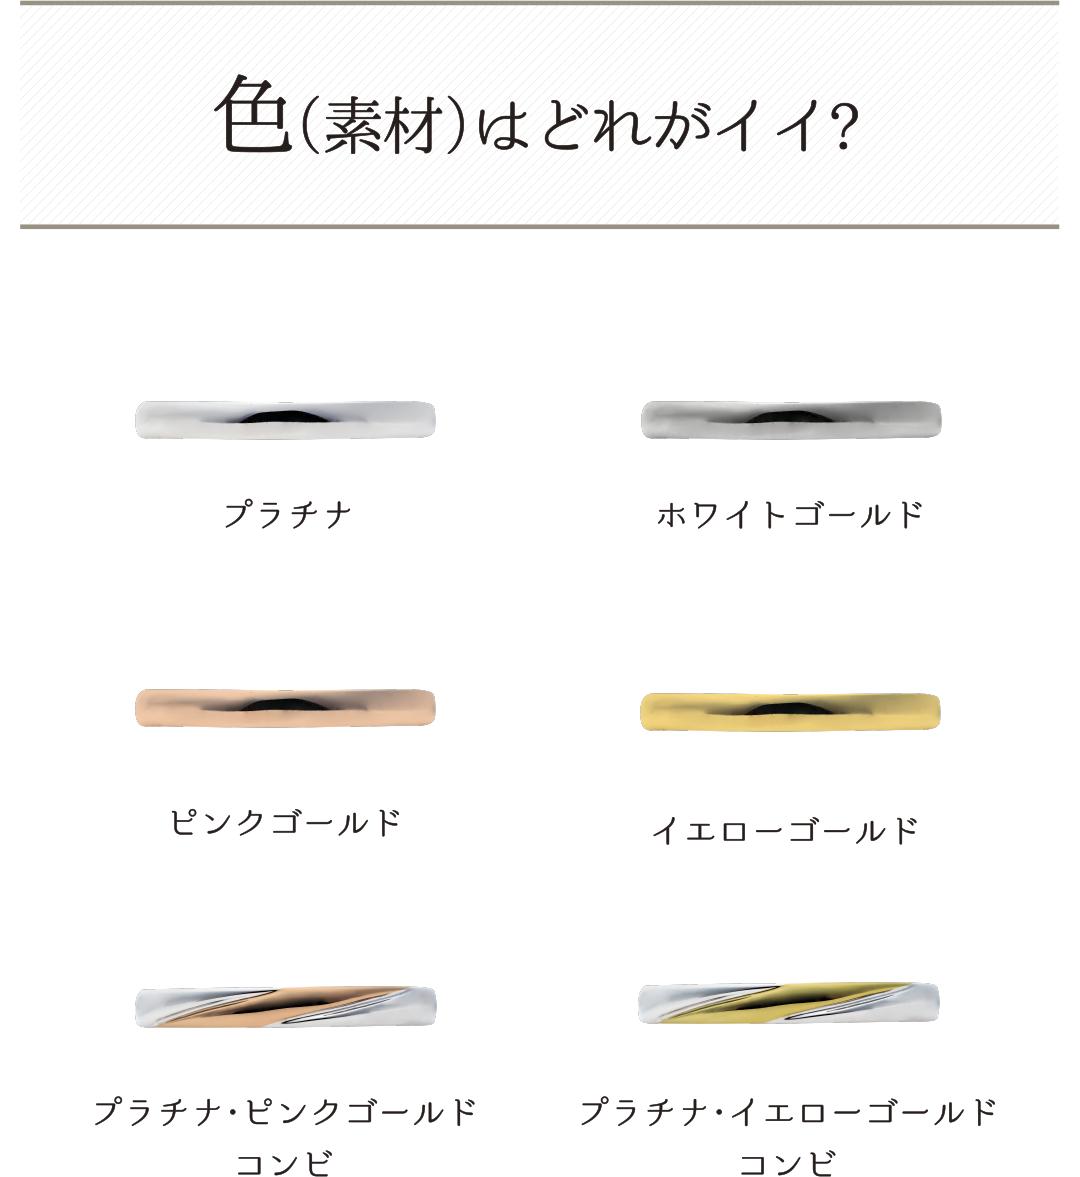 結婚指輪(マリッジリング)の色(素材)はどれがイイ? プラチナ ホワイトゴールド ピンクゴールド イエローゴールド プラチナ・ピンクゴールドコンビ プラチナ・イエローゴールドコンビ